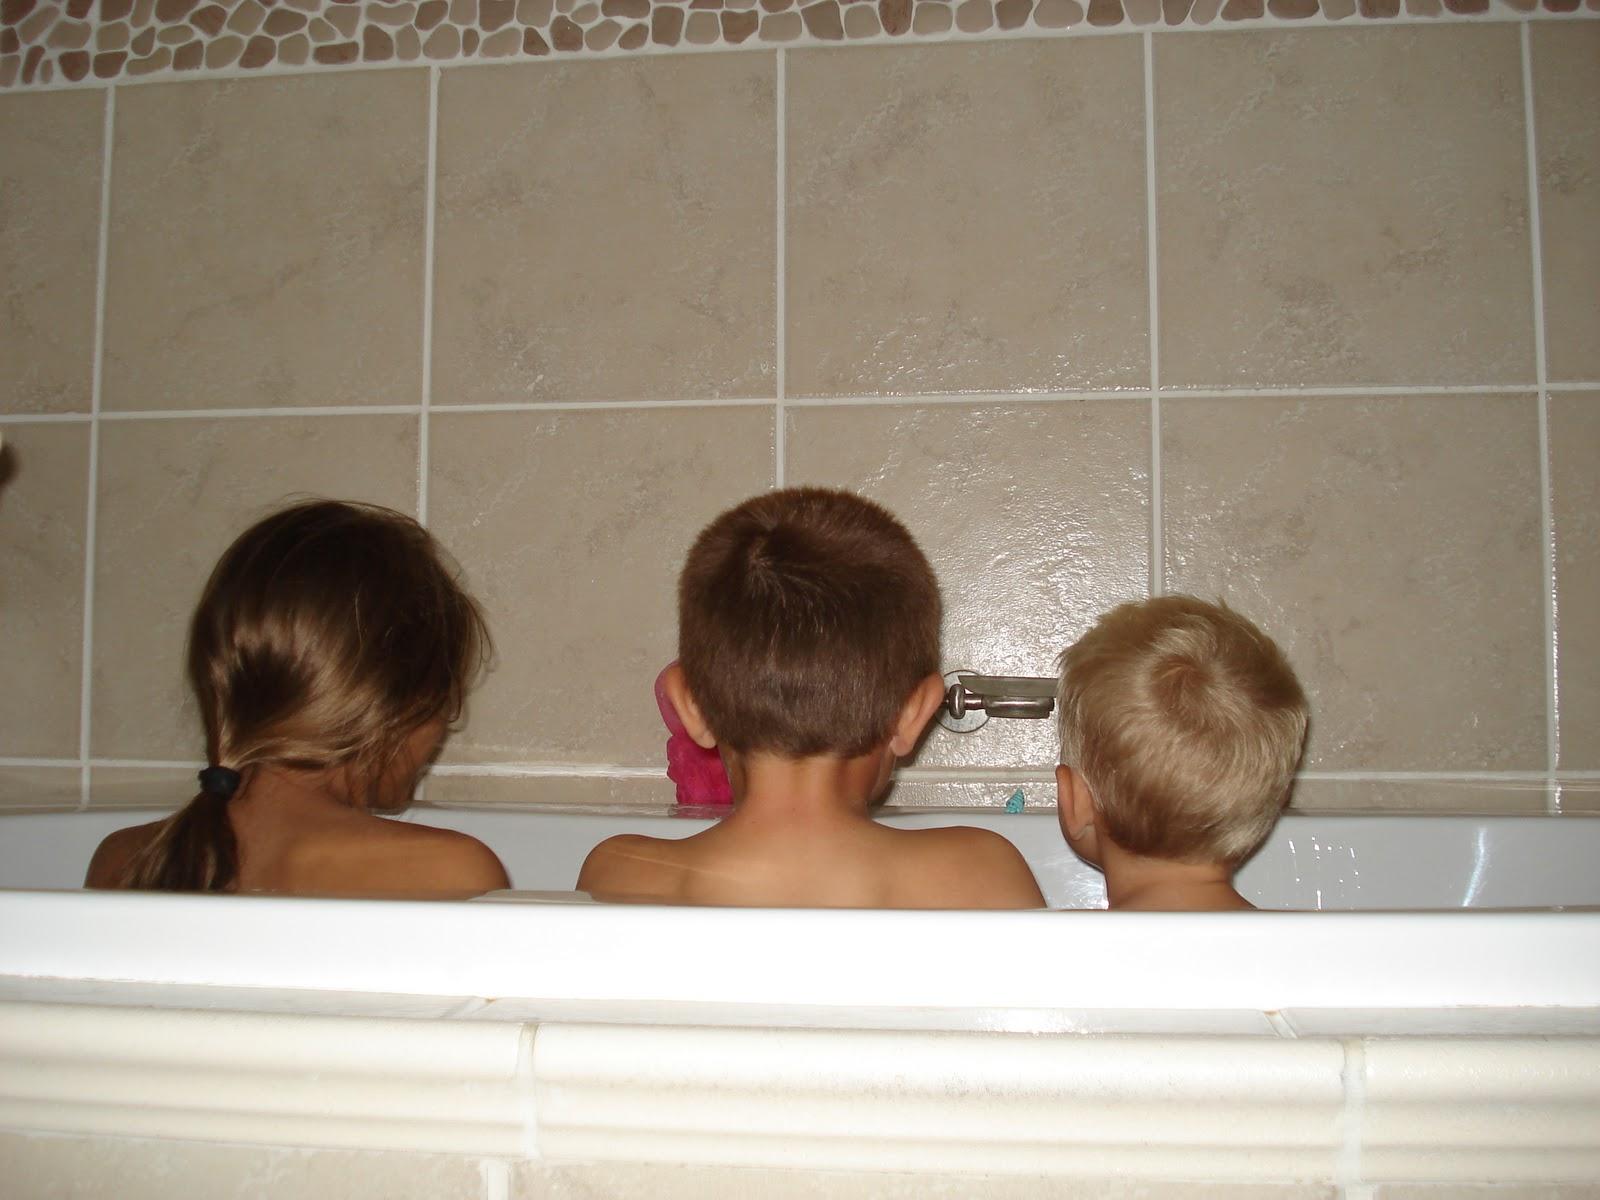 Candy{s} Land: Rub a Dub dub 3 kids in a tub